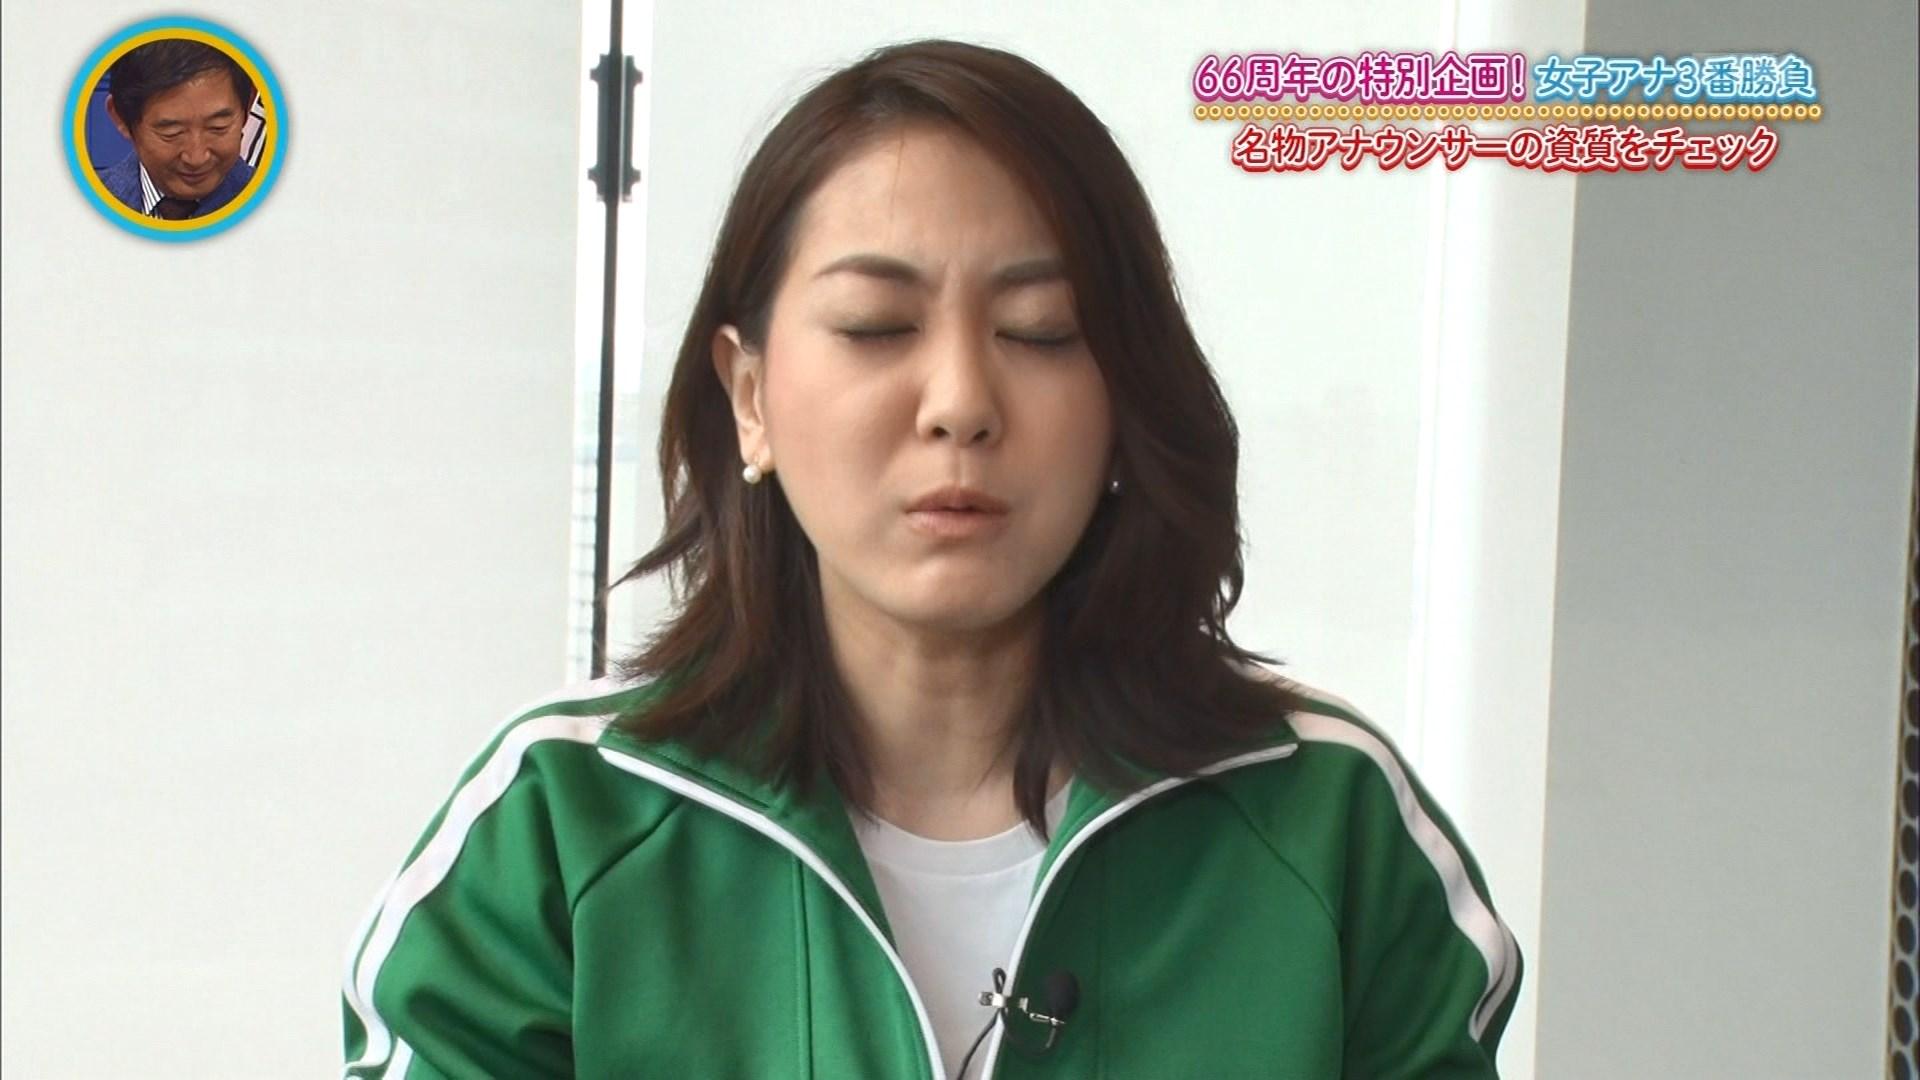 塚本麻里衣・川添佳穂59